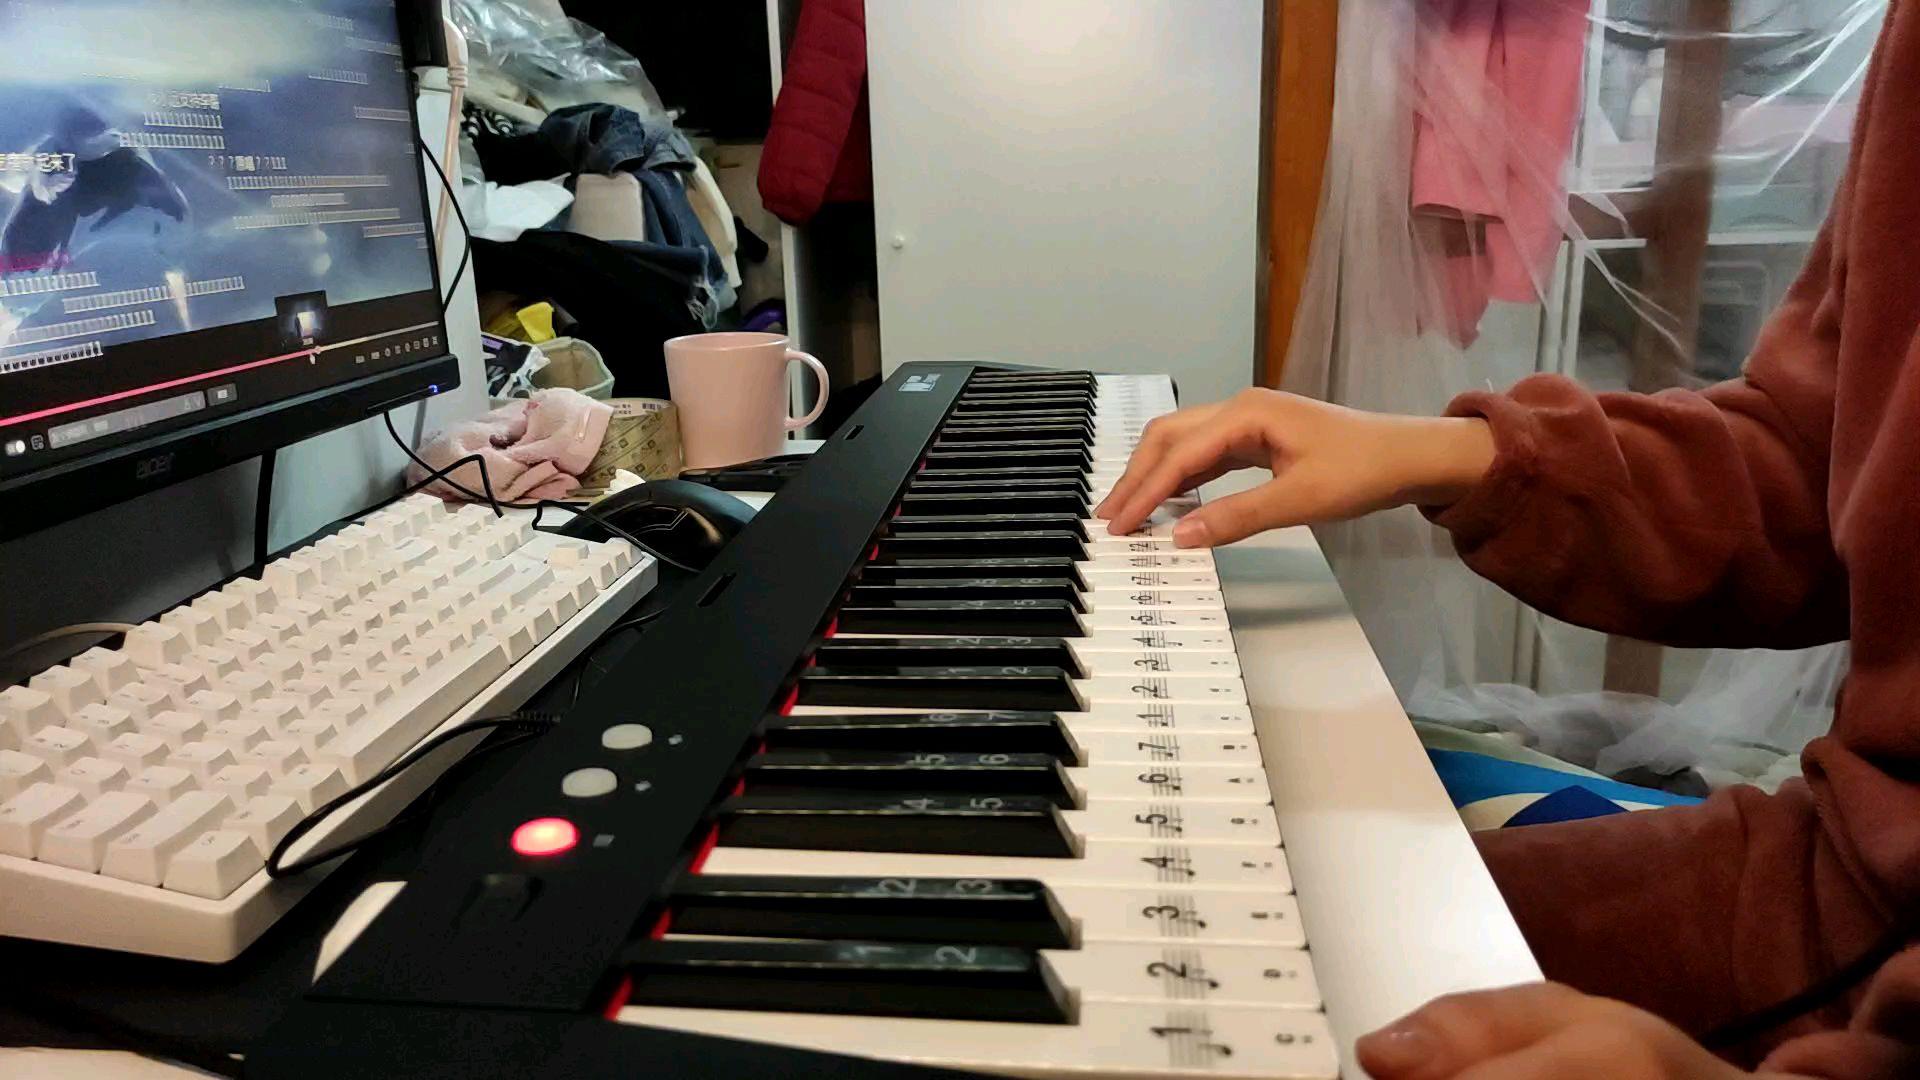 【legend never die】时隔18年以后的电子琴练习